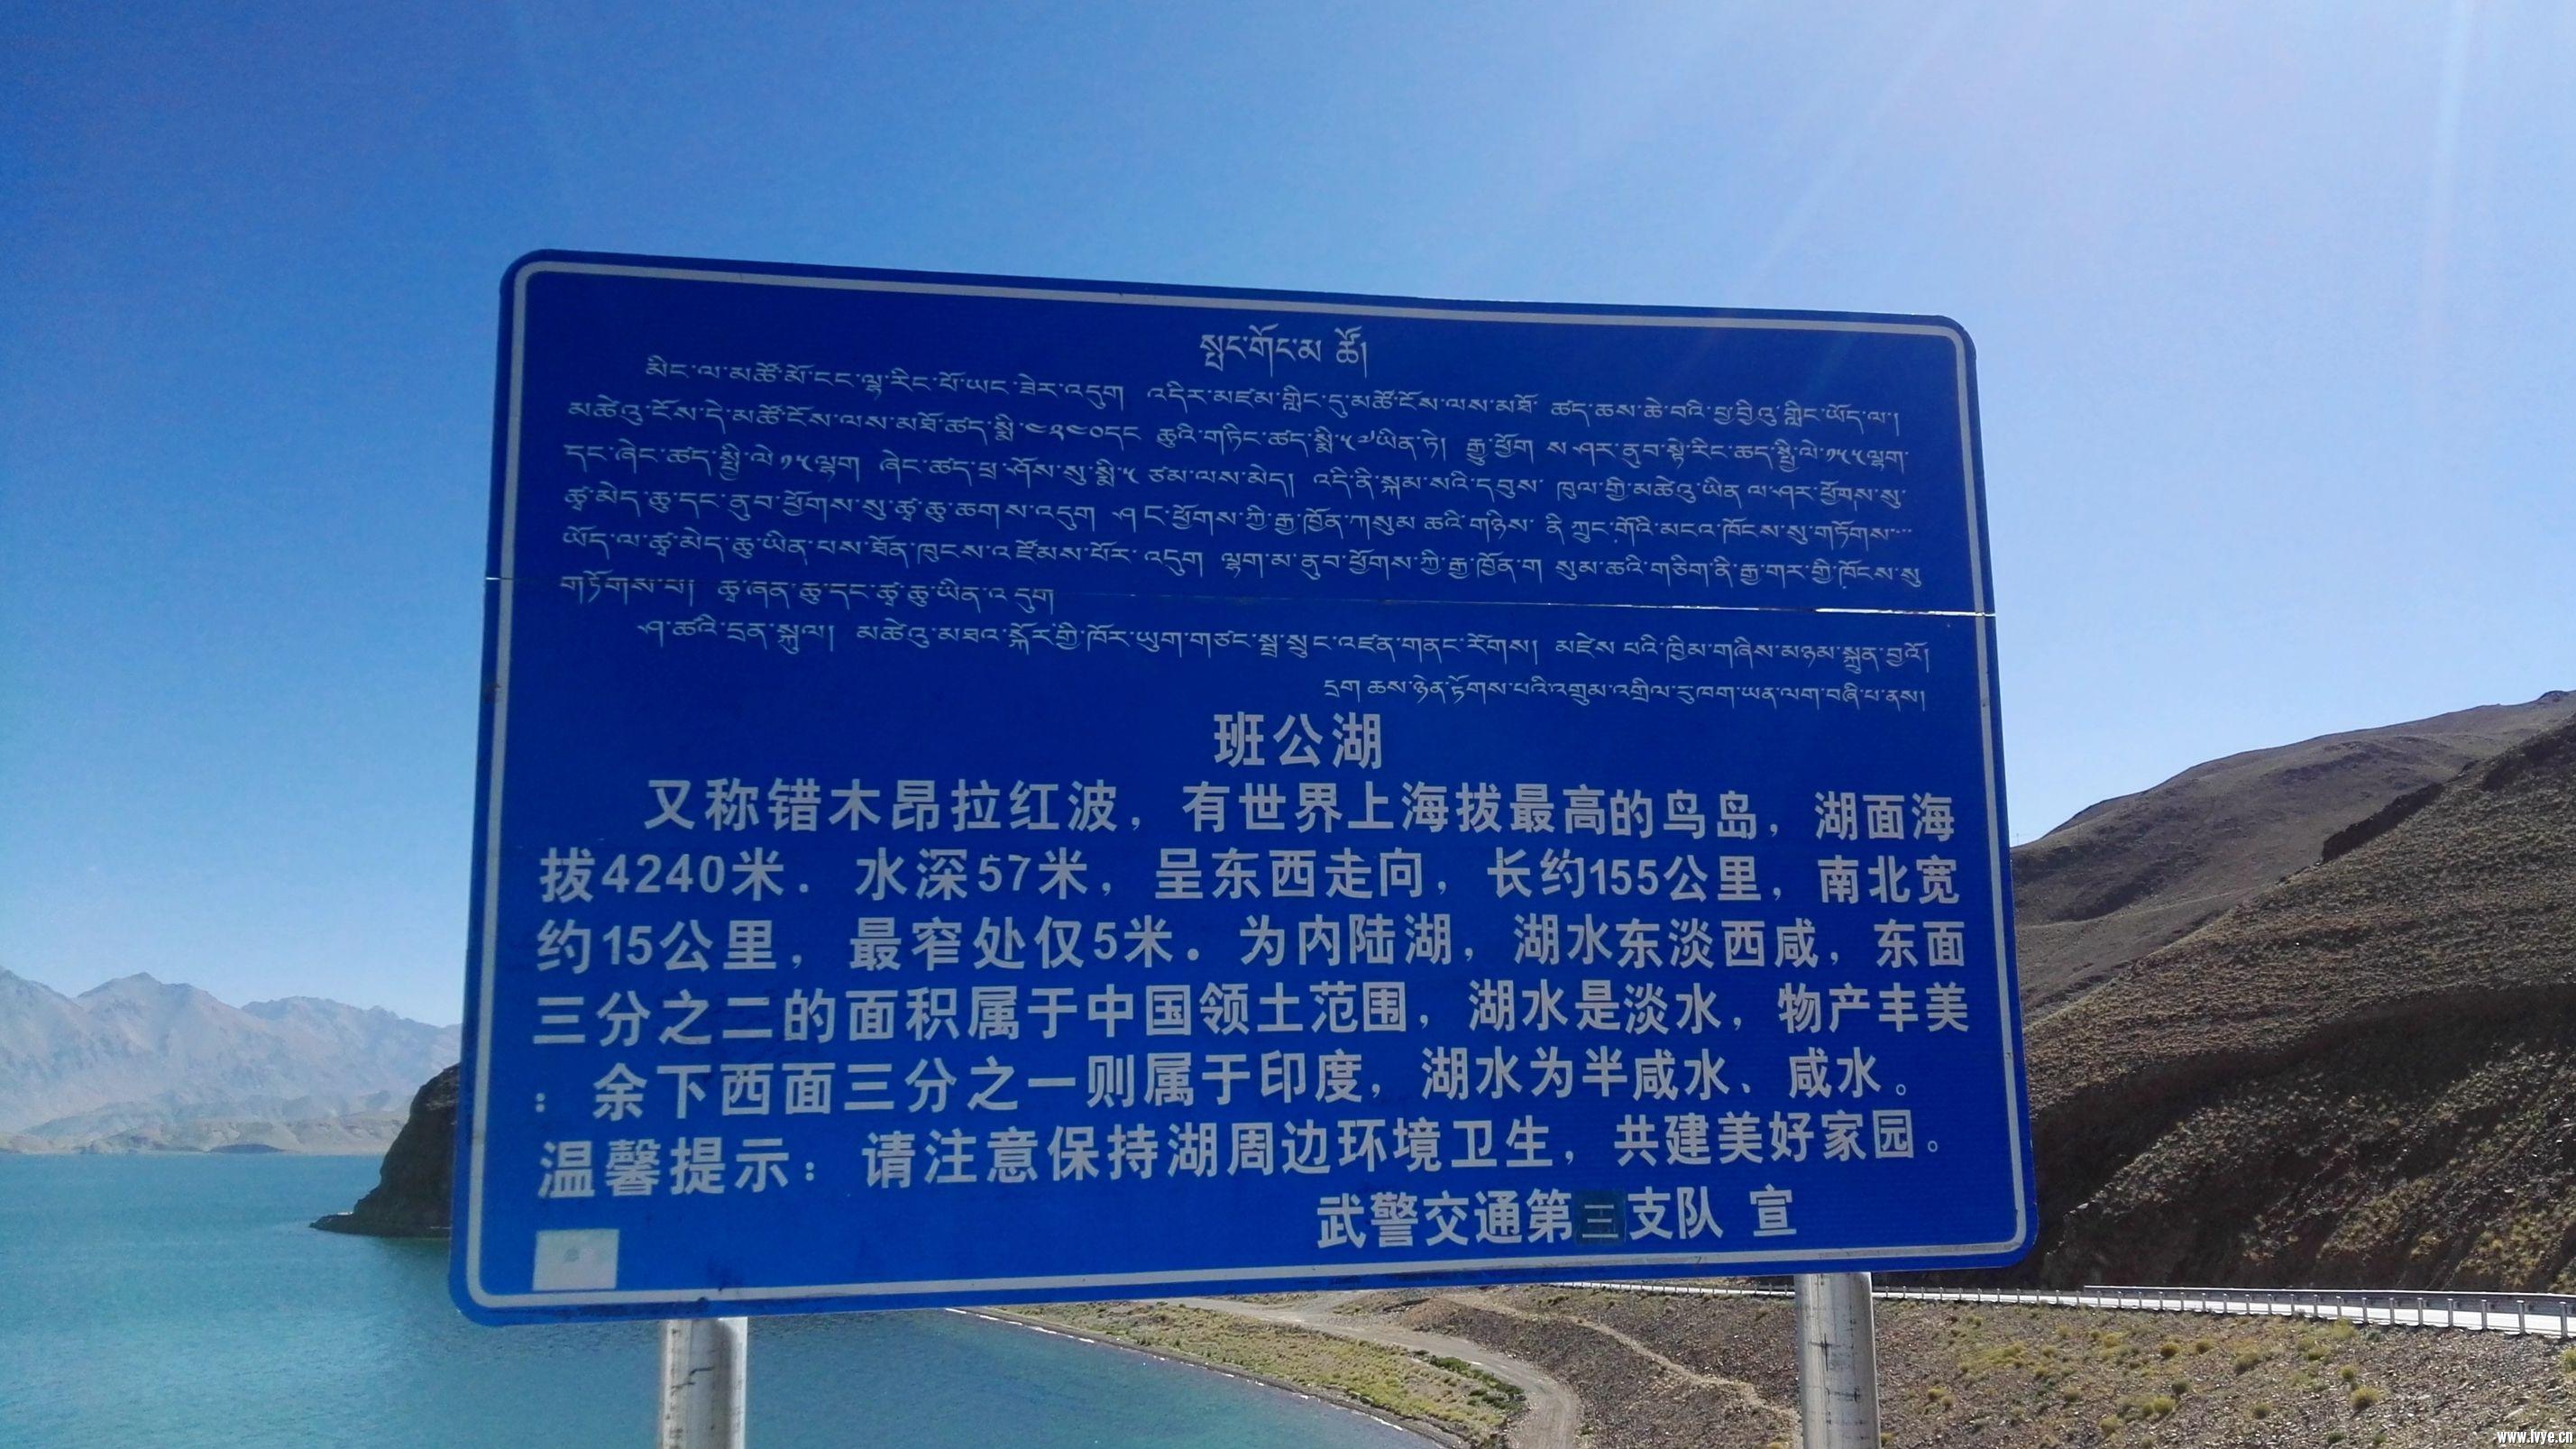 新藏线 - 新疆-班公错 (2).jpg